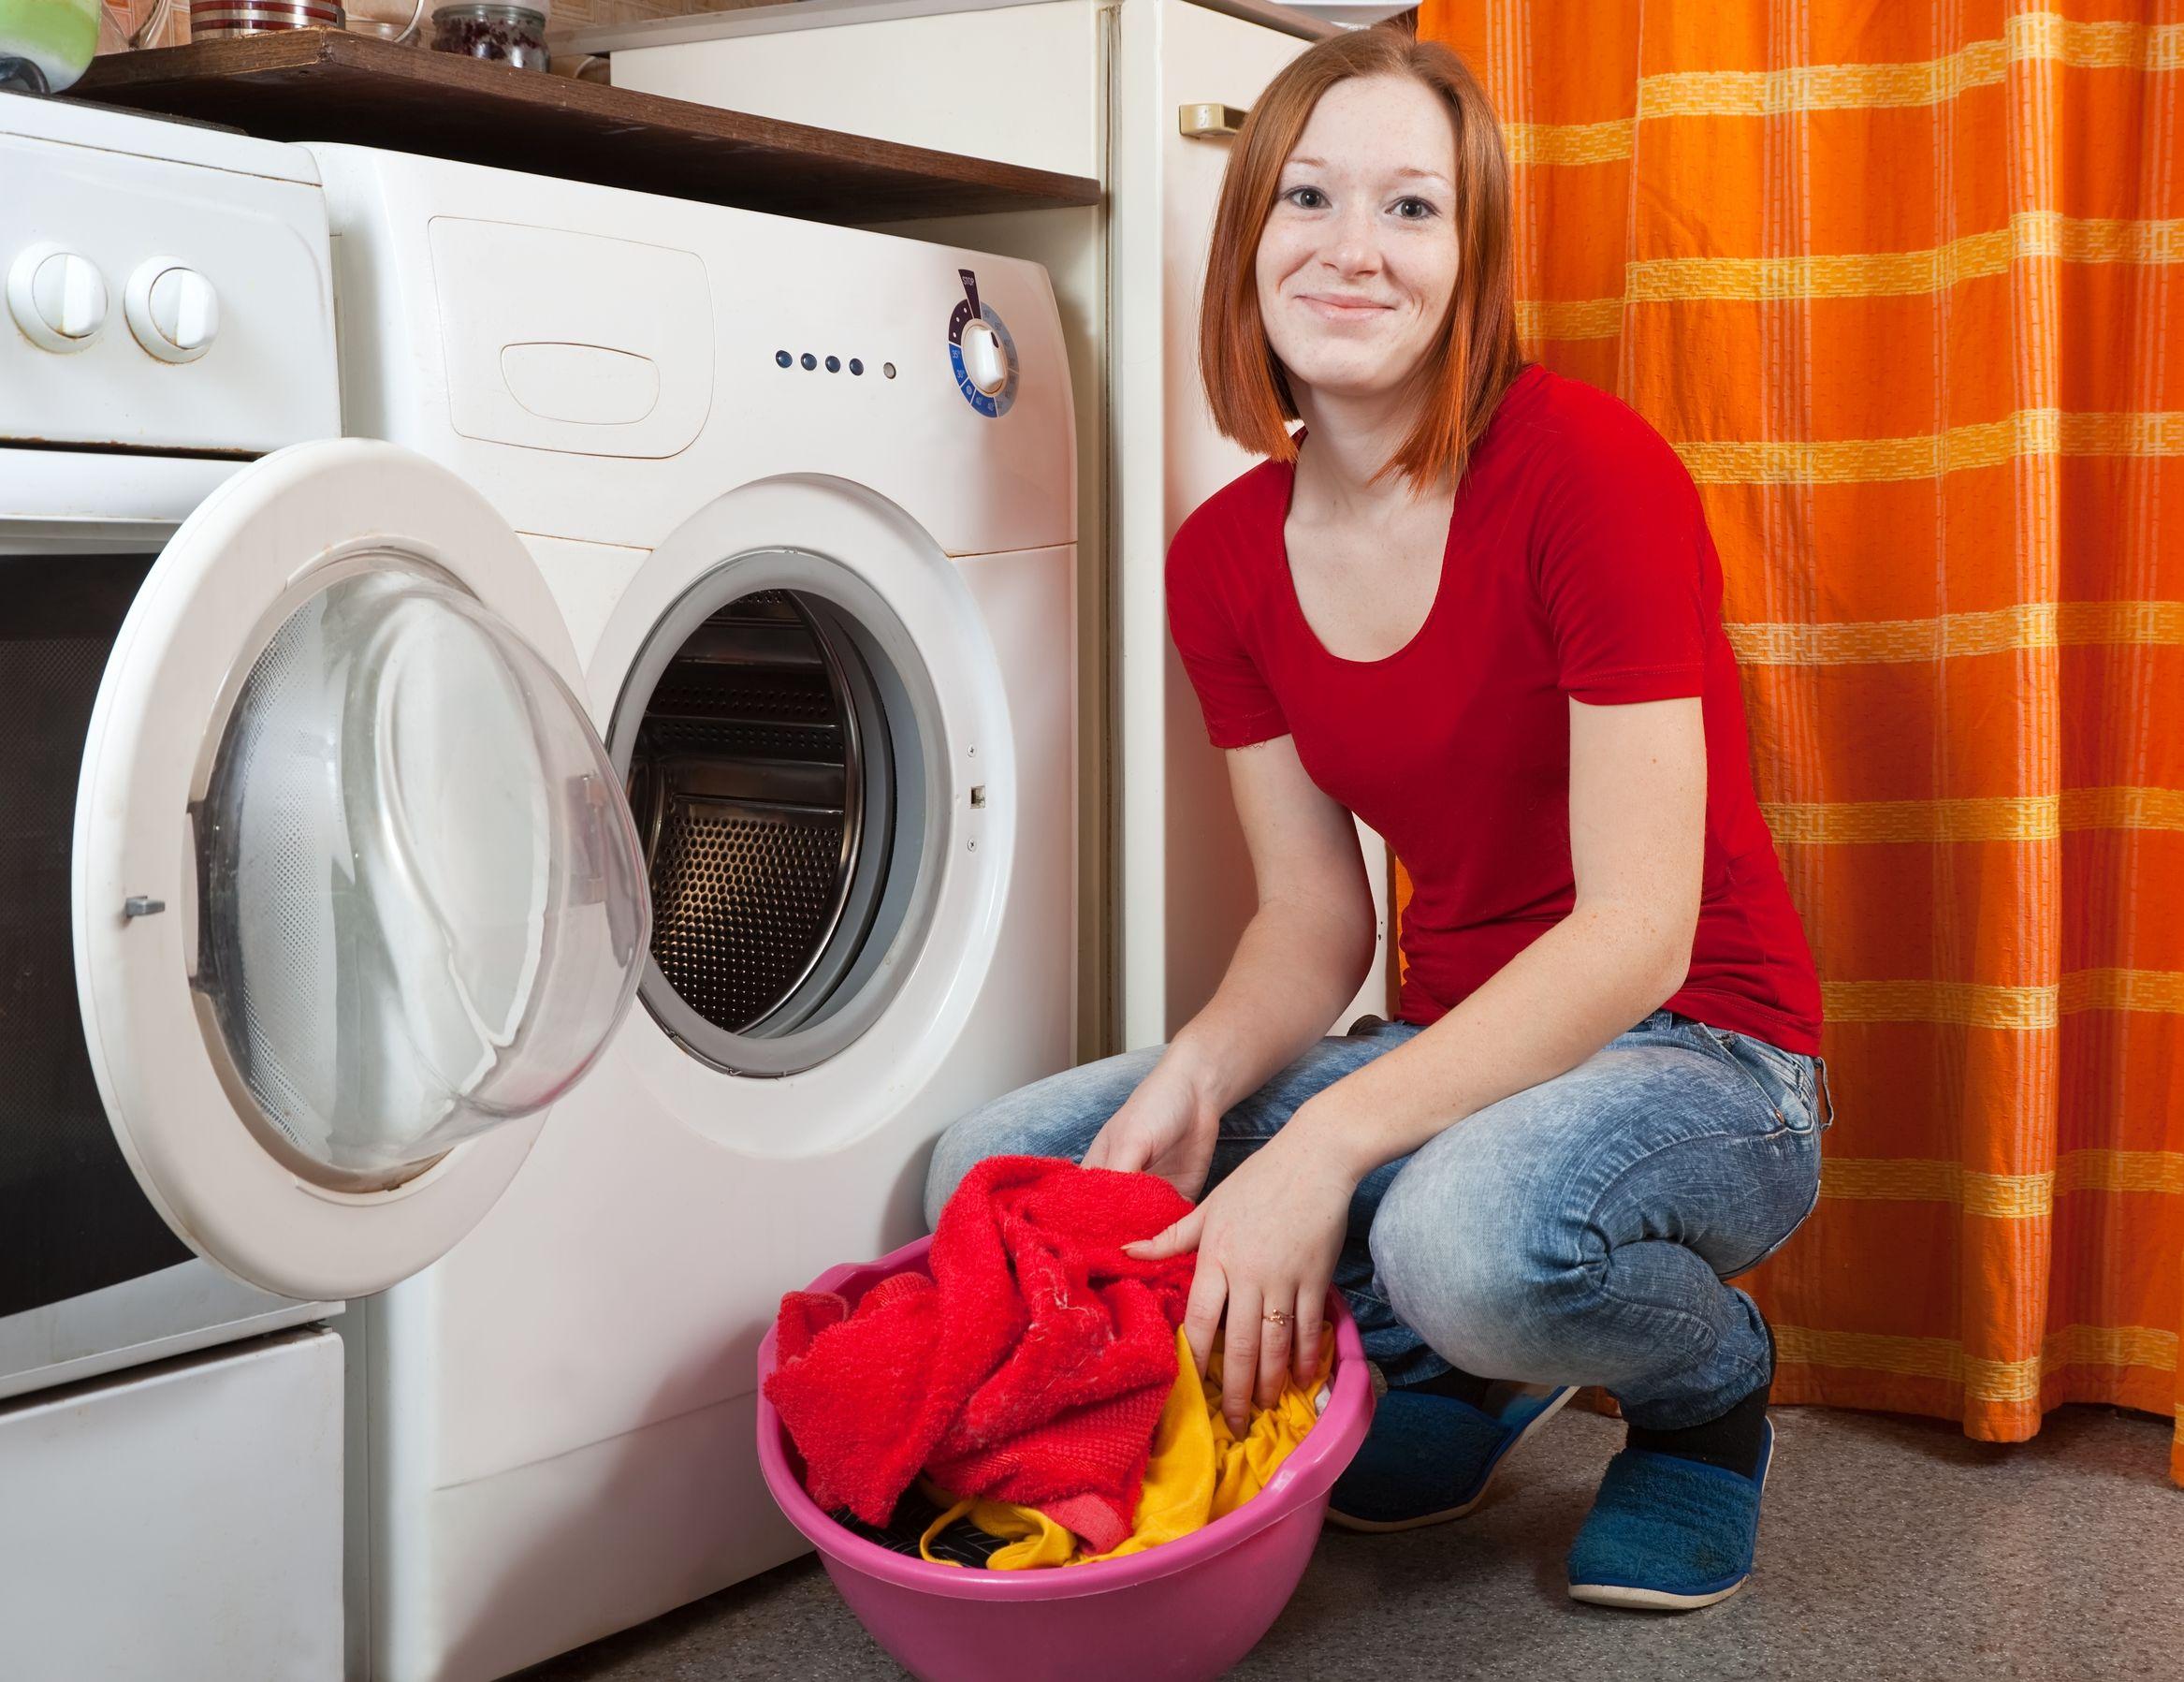 mulher colocando a roupa em uma lava e seca na lavanderia